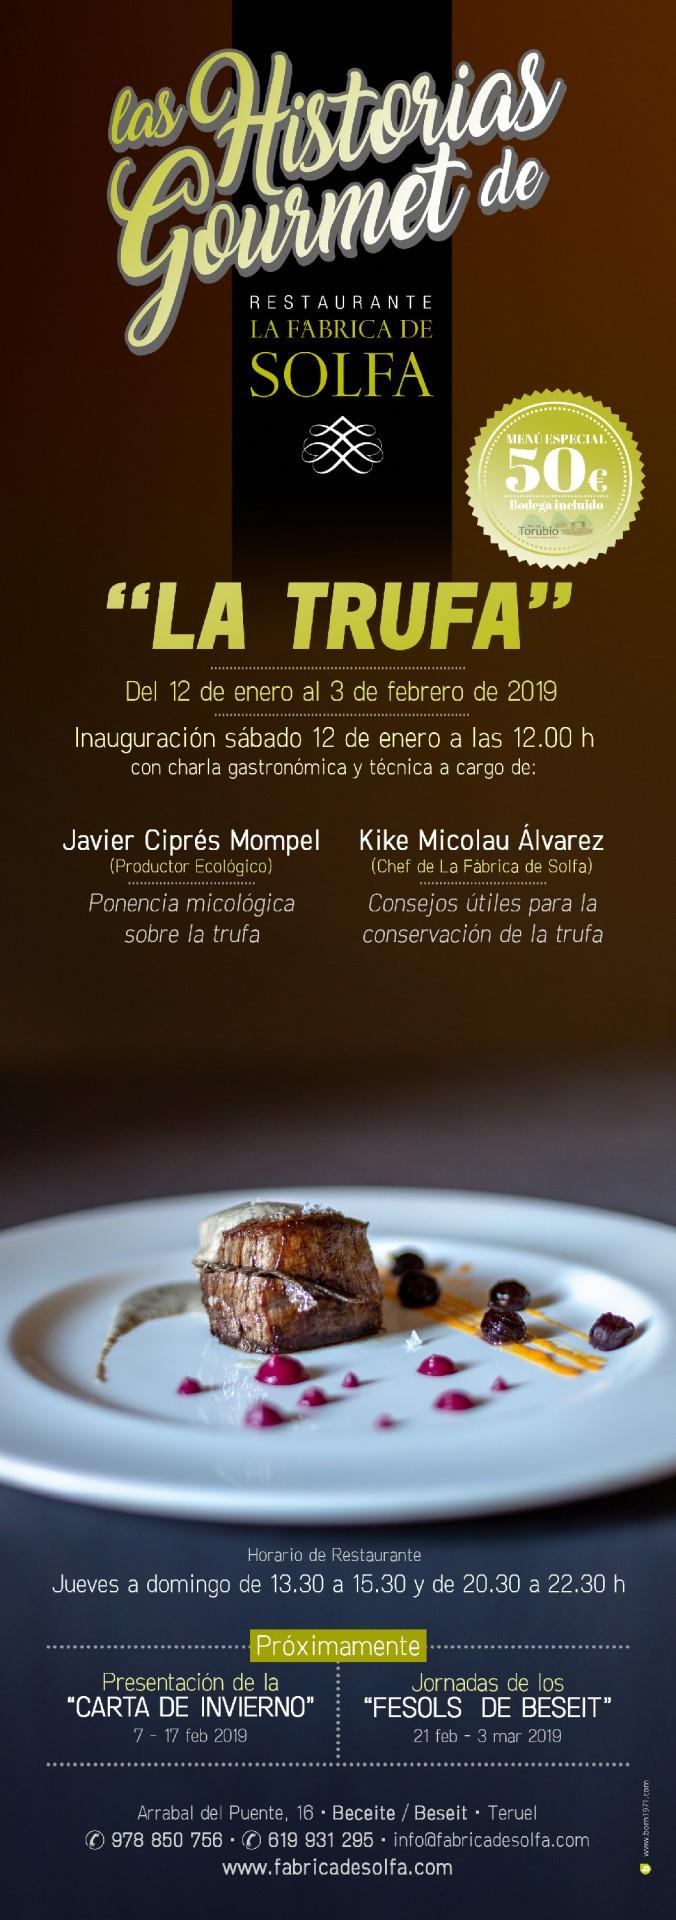 La Trufa - Las Historias Gourmet de La Fàbrica de Solfa en Beceite, Teruel.